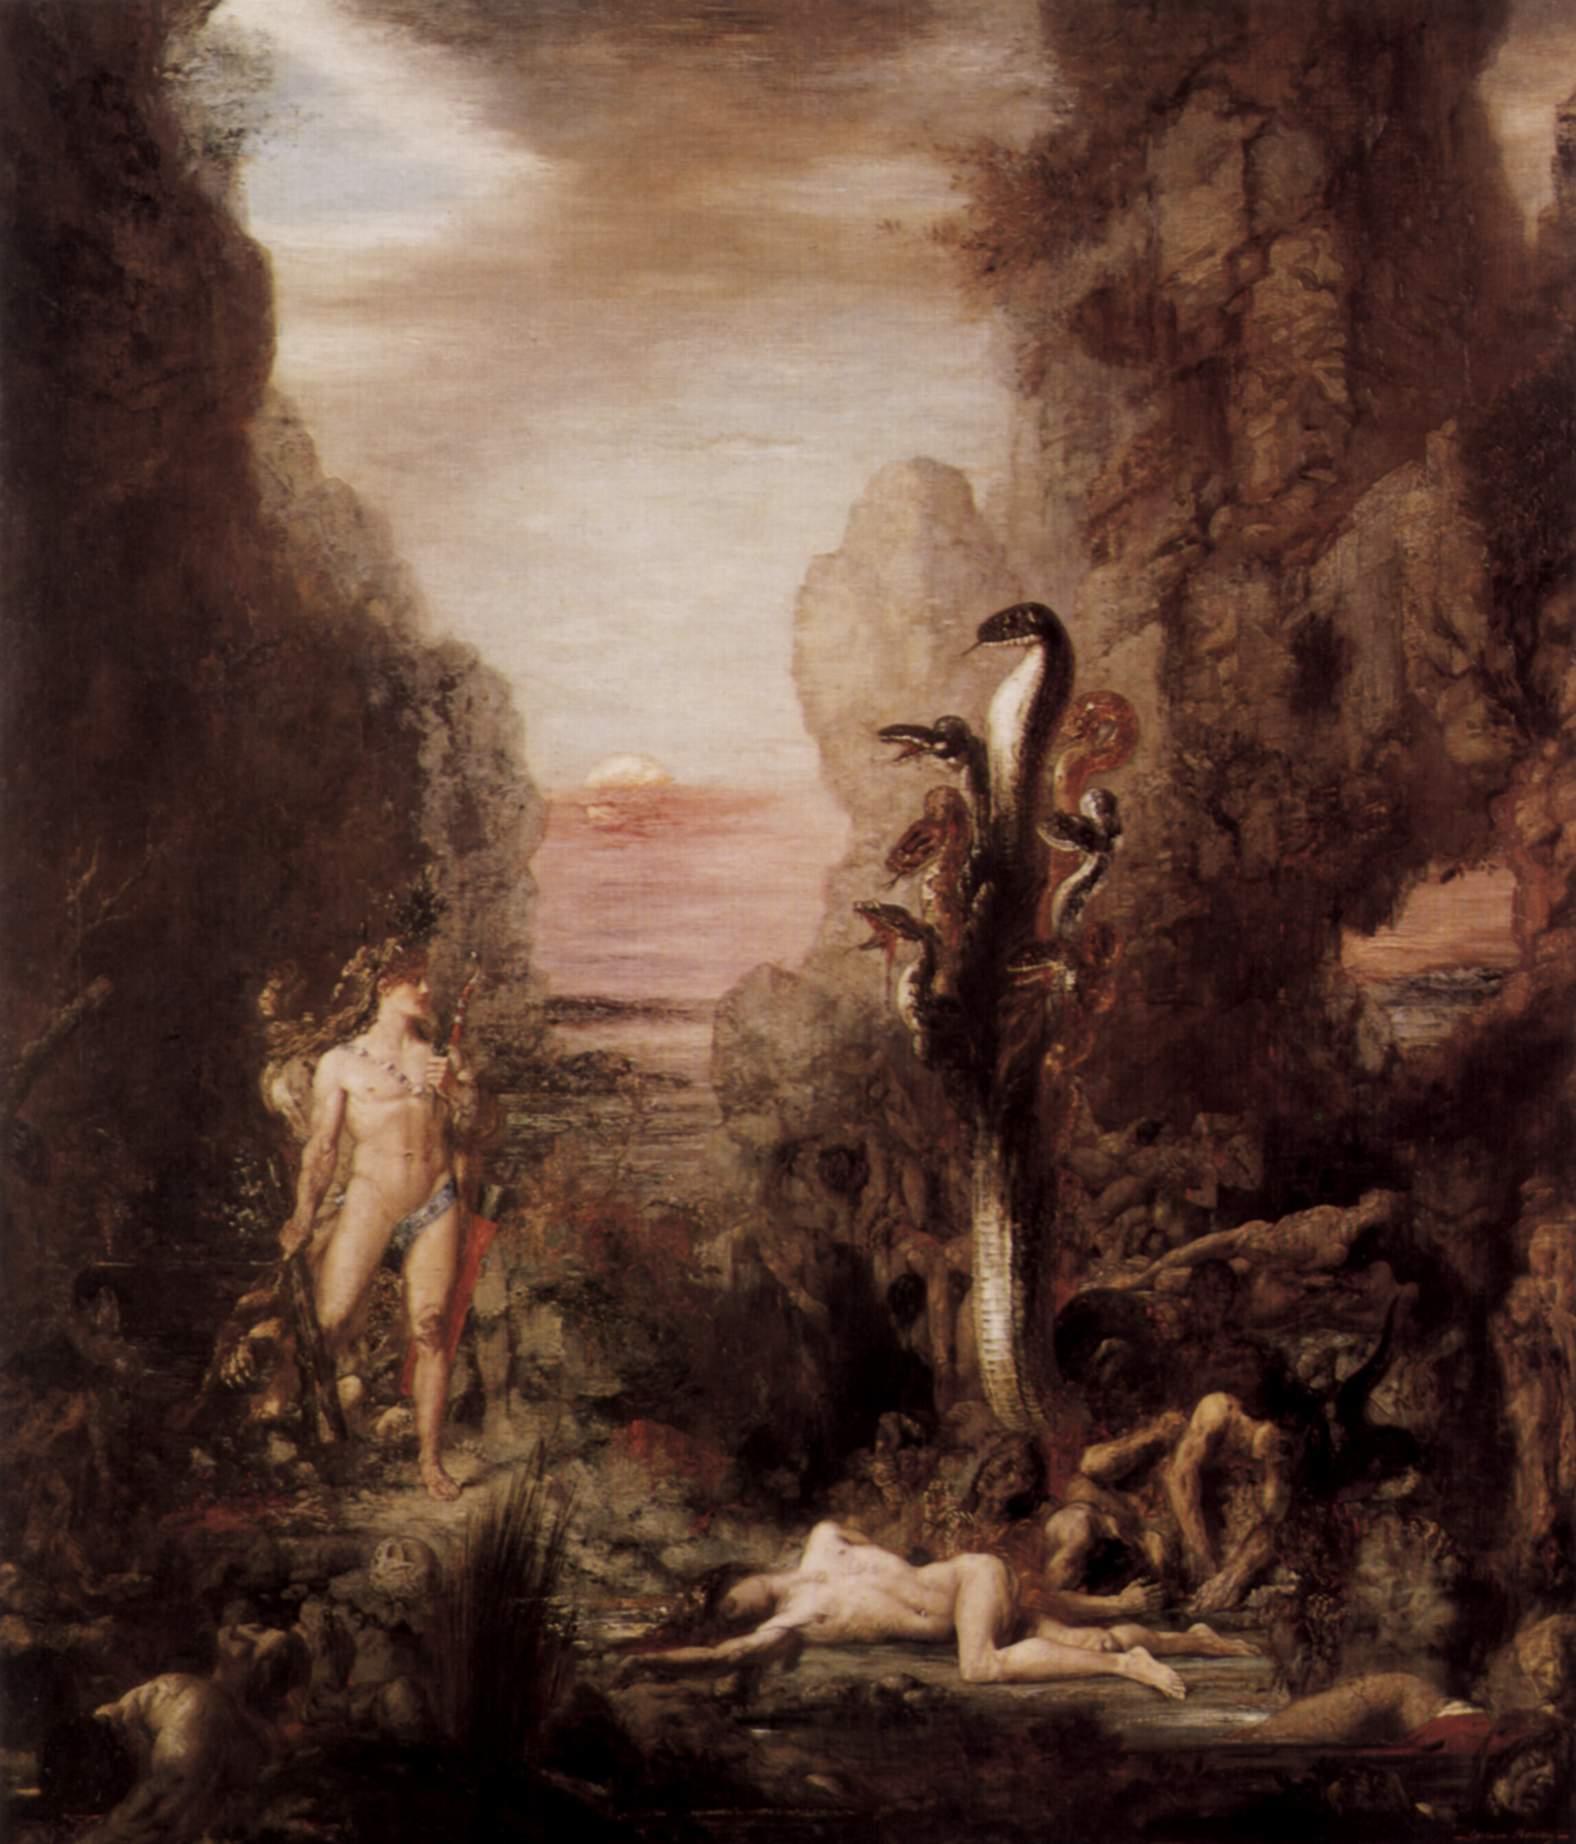 L'Idra di Gustave Moreau